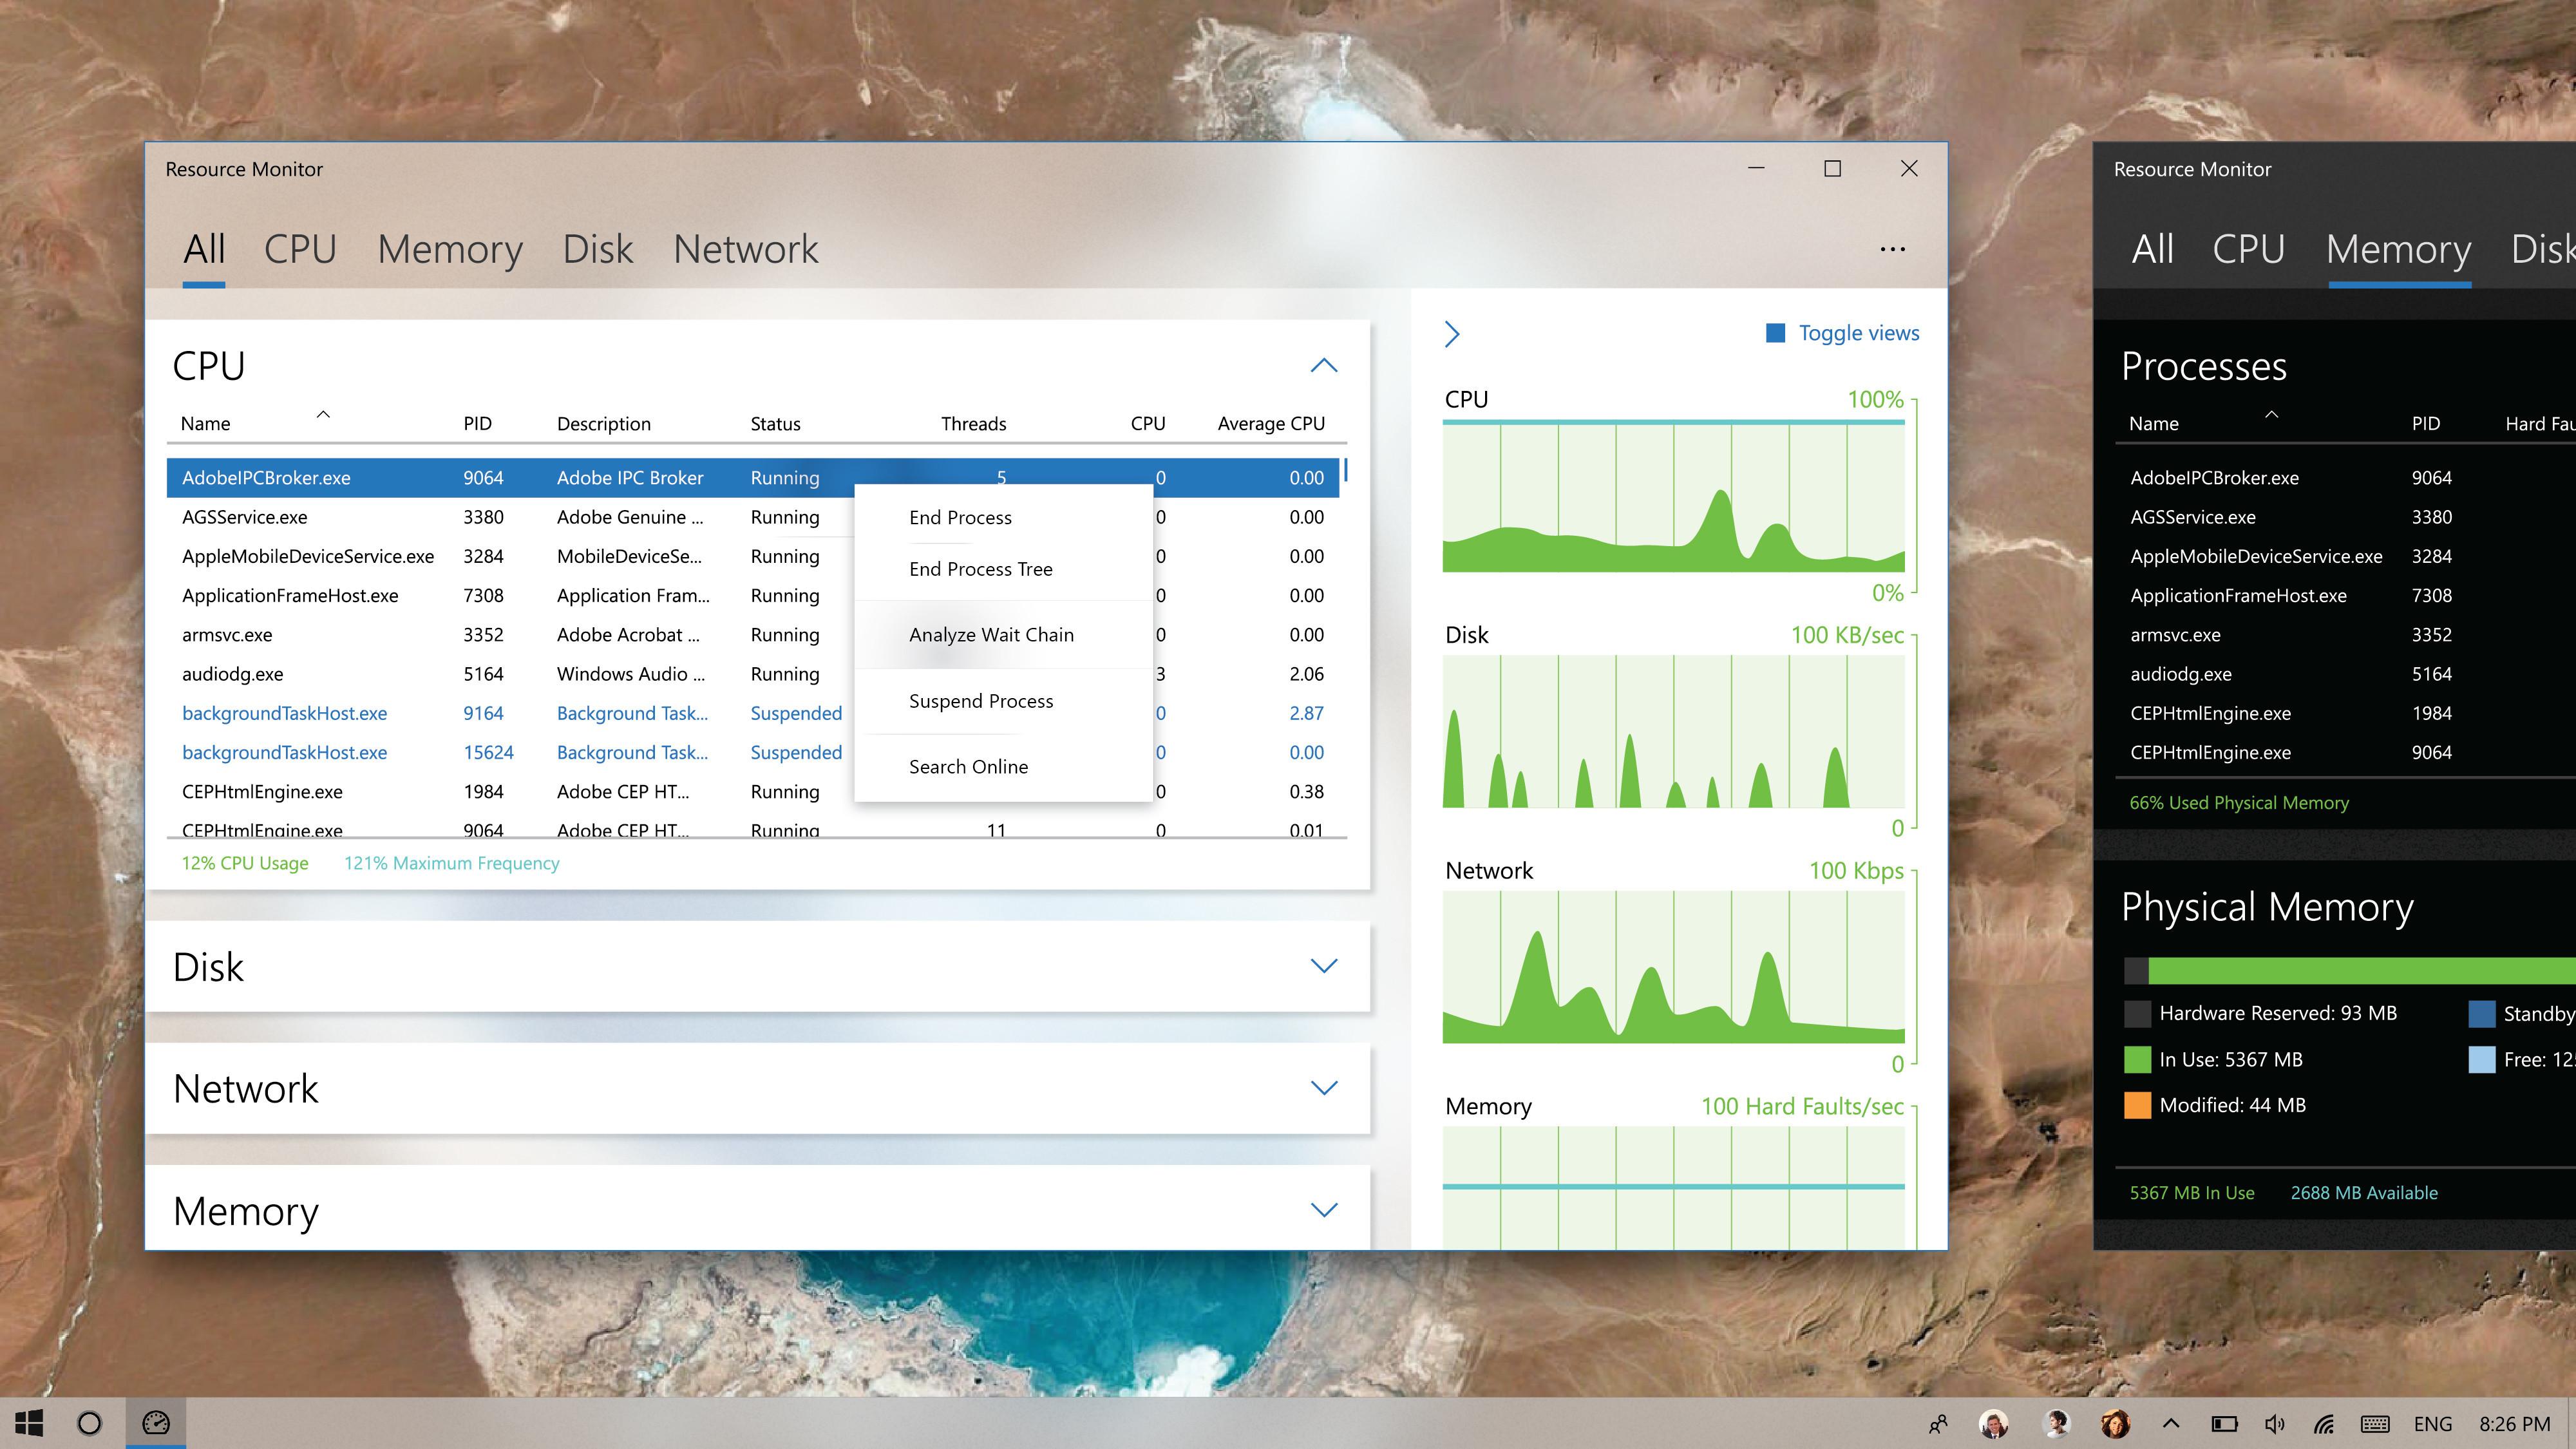 Concept Windows trên mạng vừa nhiều vừa đẹp nhưng Microsoft có quan tâm tới chúng không? - Ảnh 2.